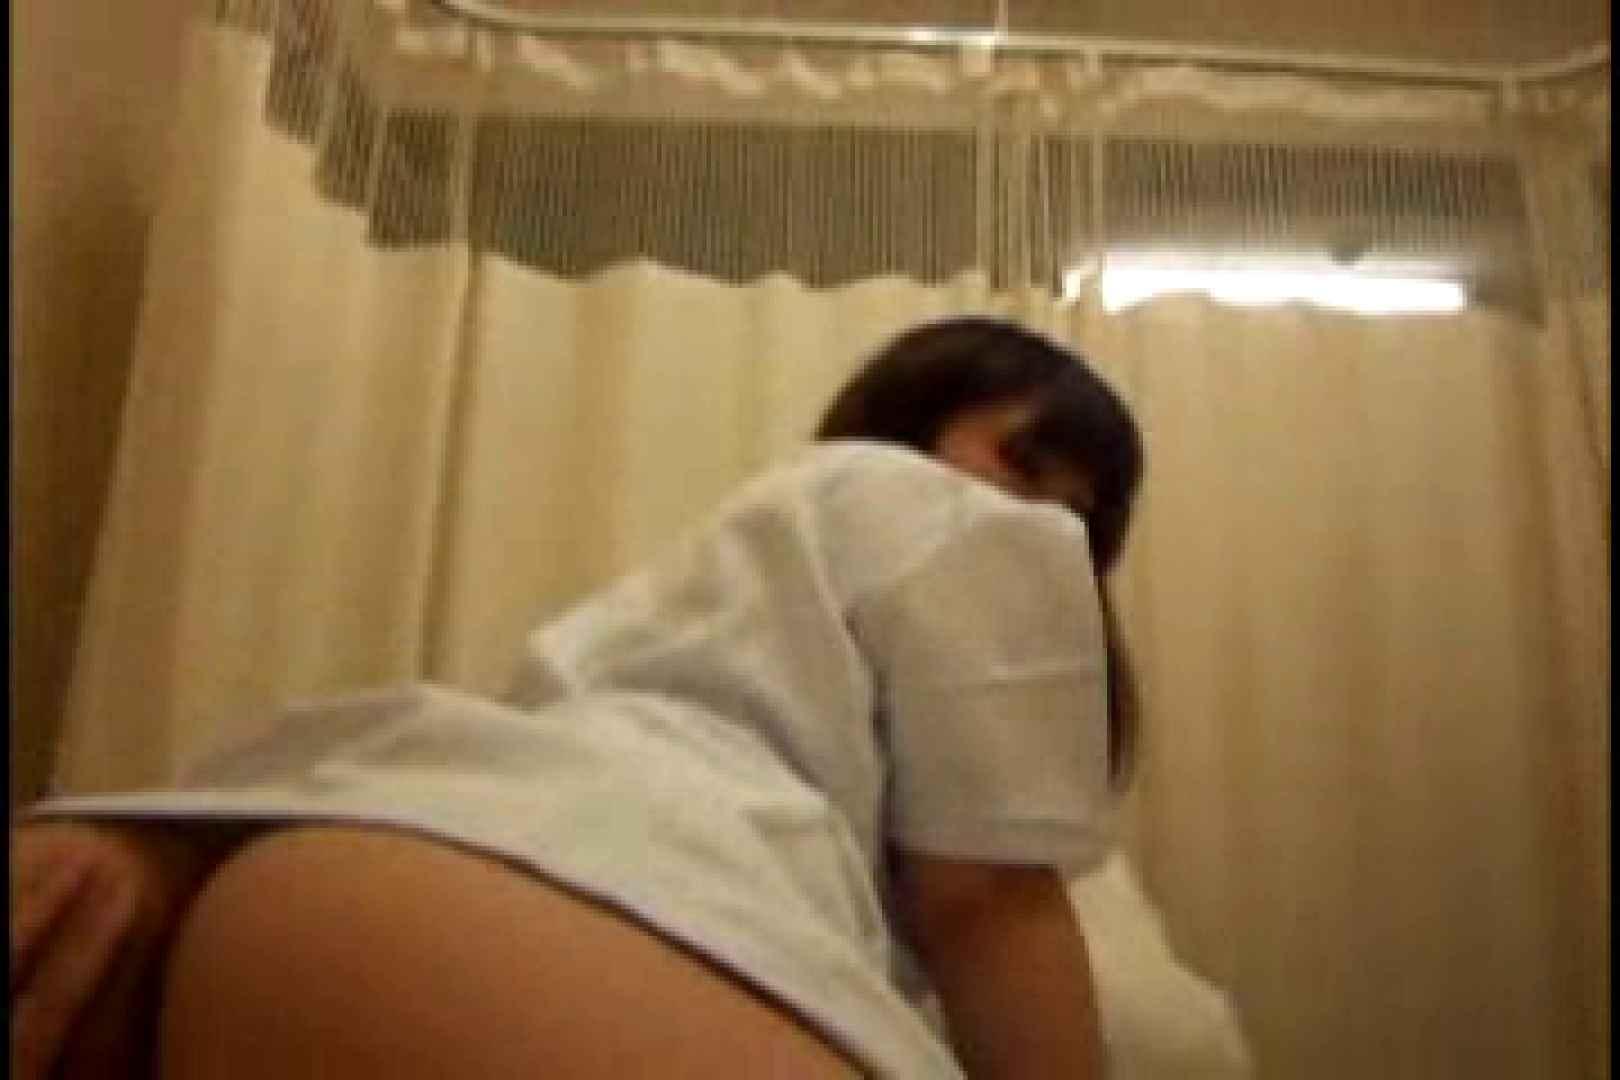 ヤリマンと呼ばれた看護士さんvol2 シックスナイン | 卑猥  61連発 56